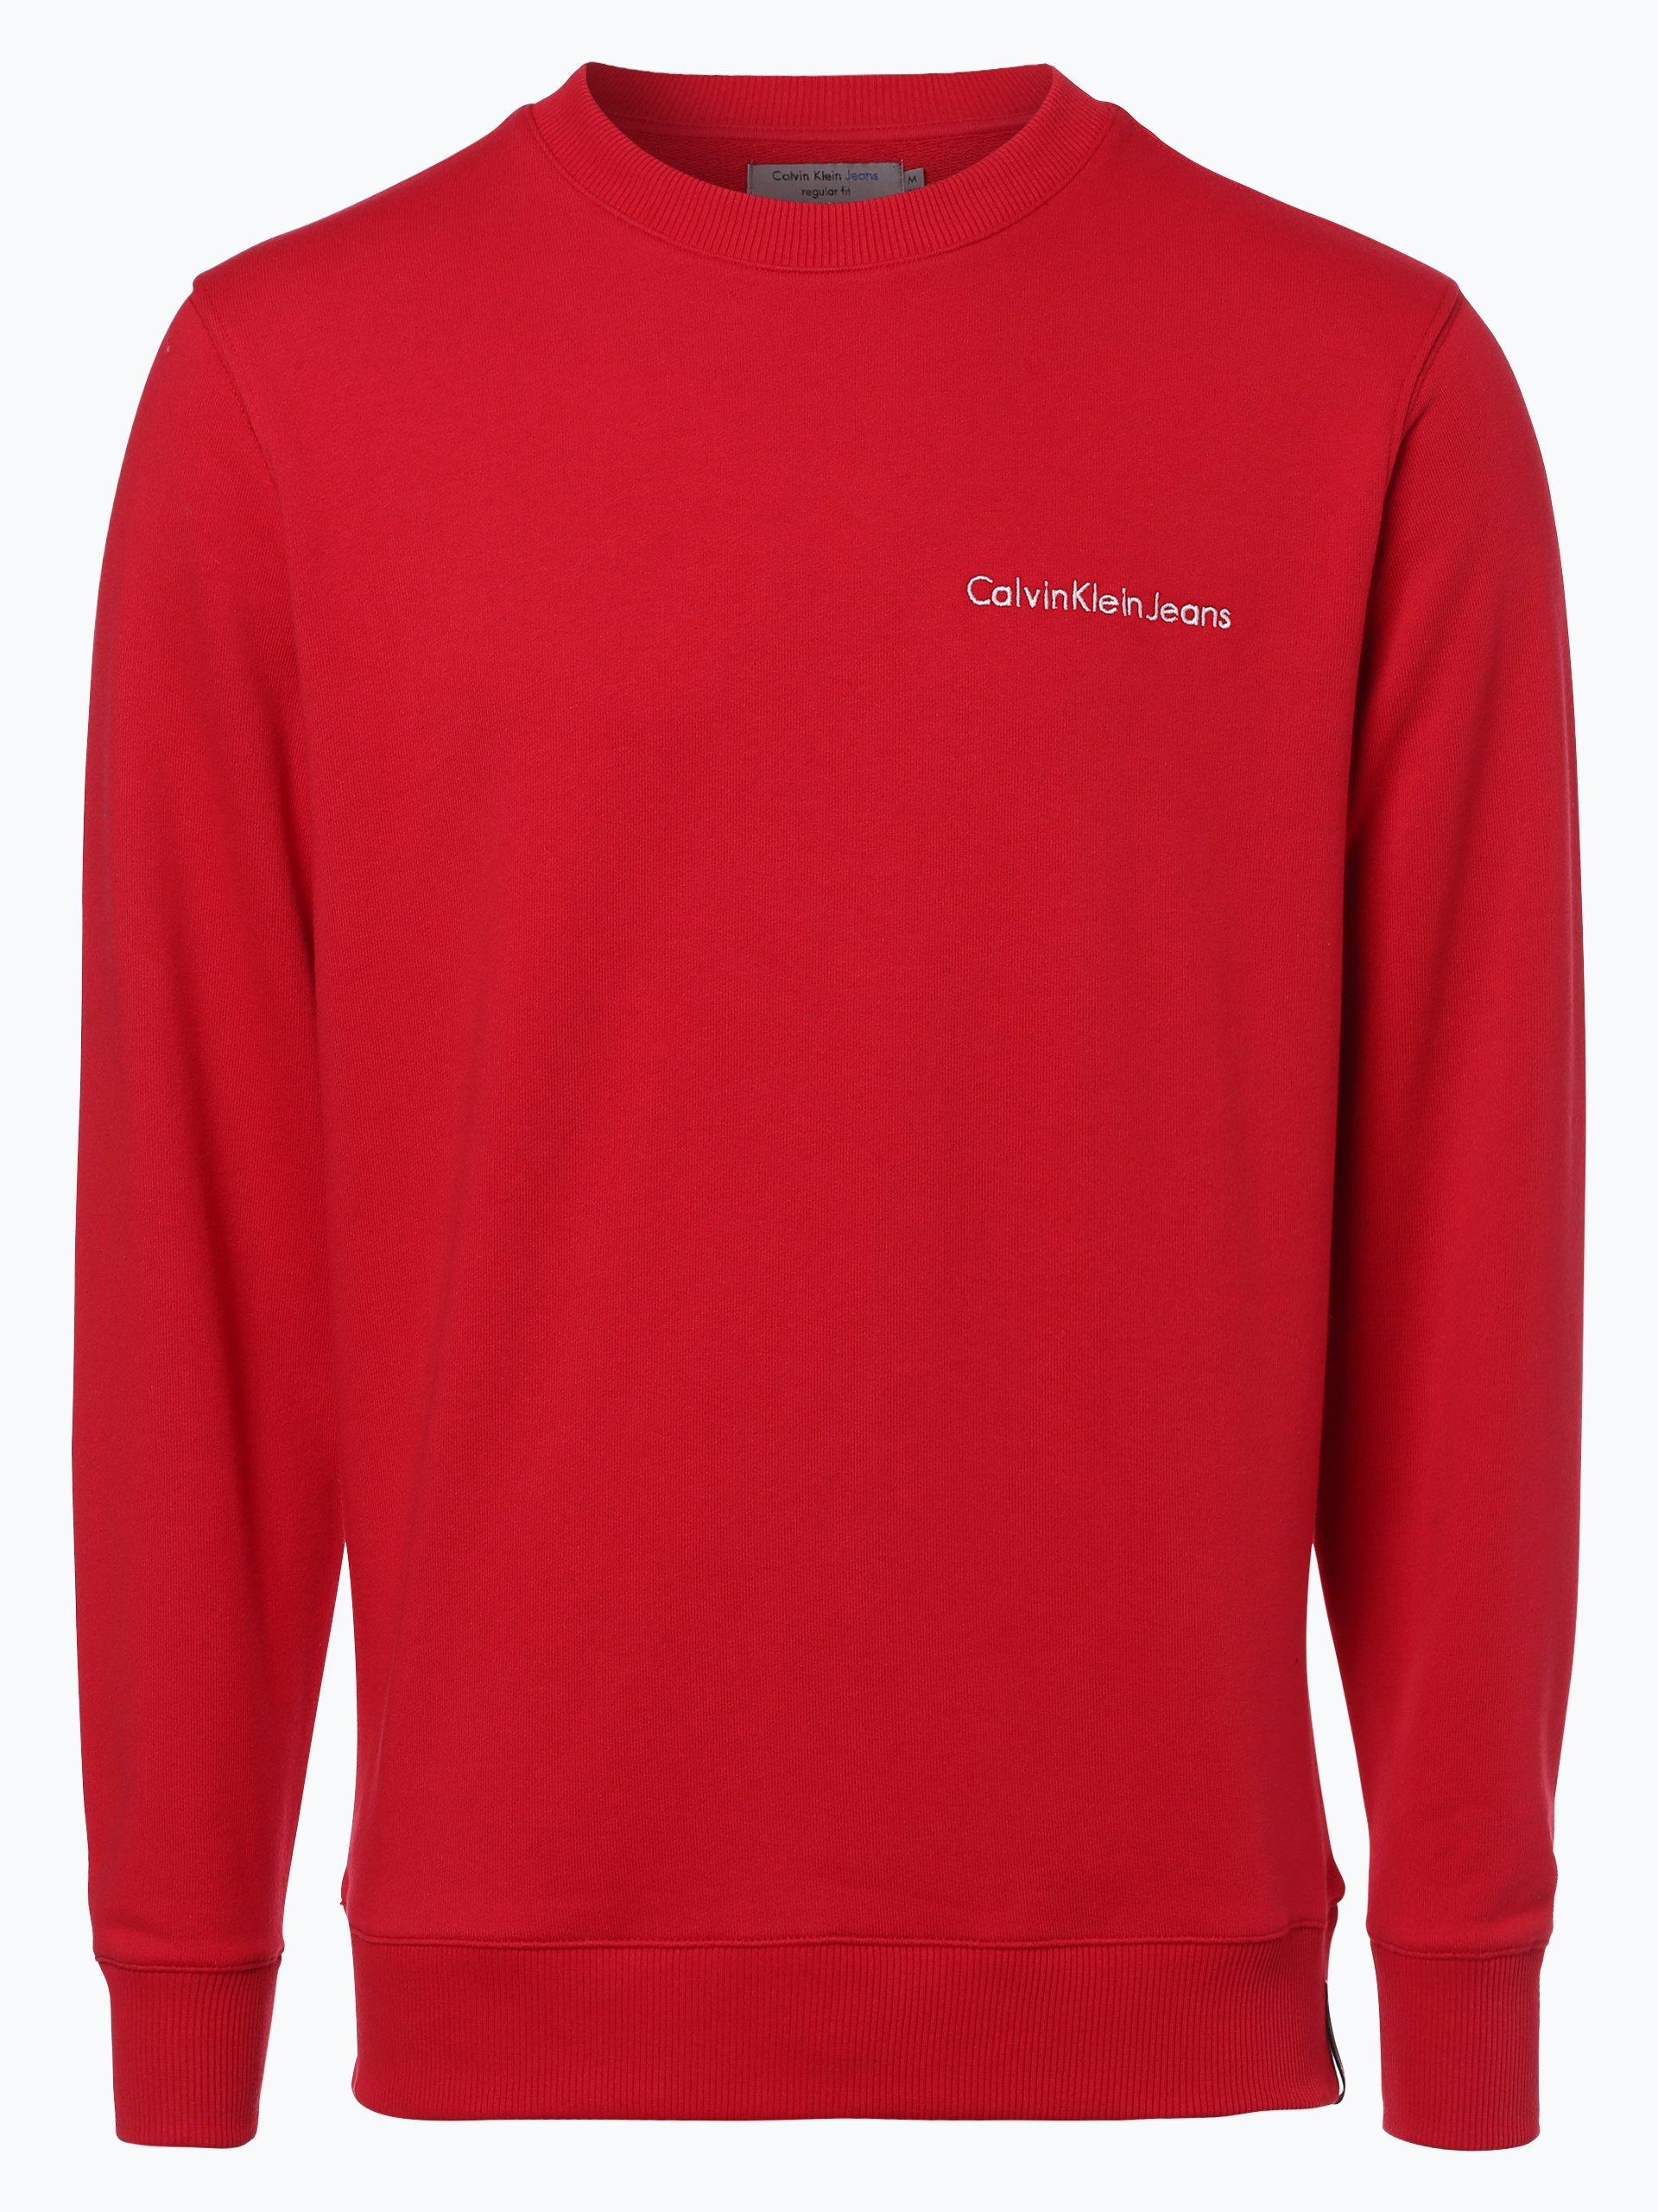 calvin klein jeans herren sweatshirt rot uni online kaufen peek und cloppenburg de. Black Bedroom Furniture Sets. Home Design Ideas